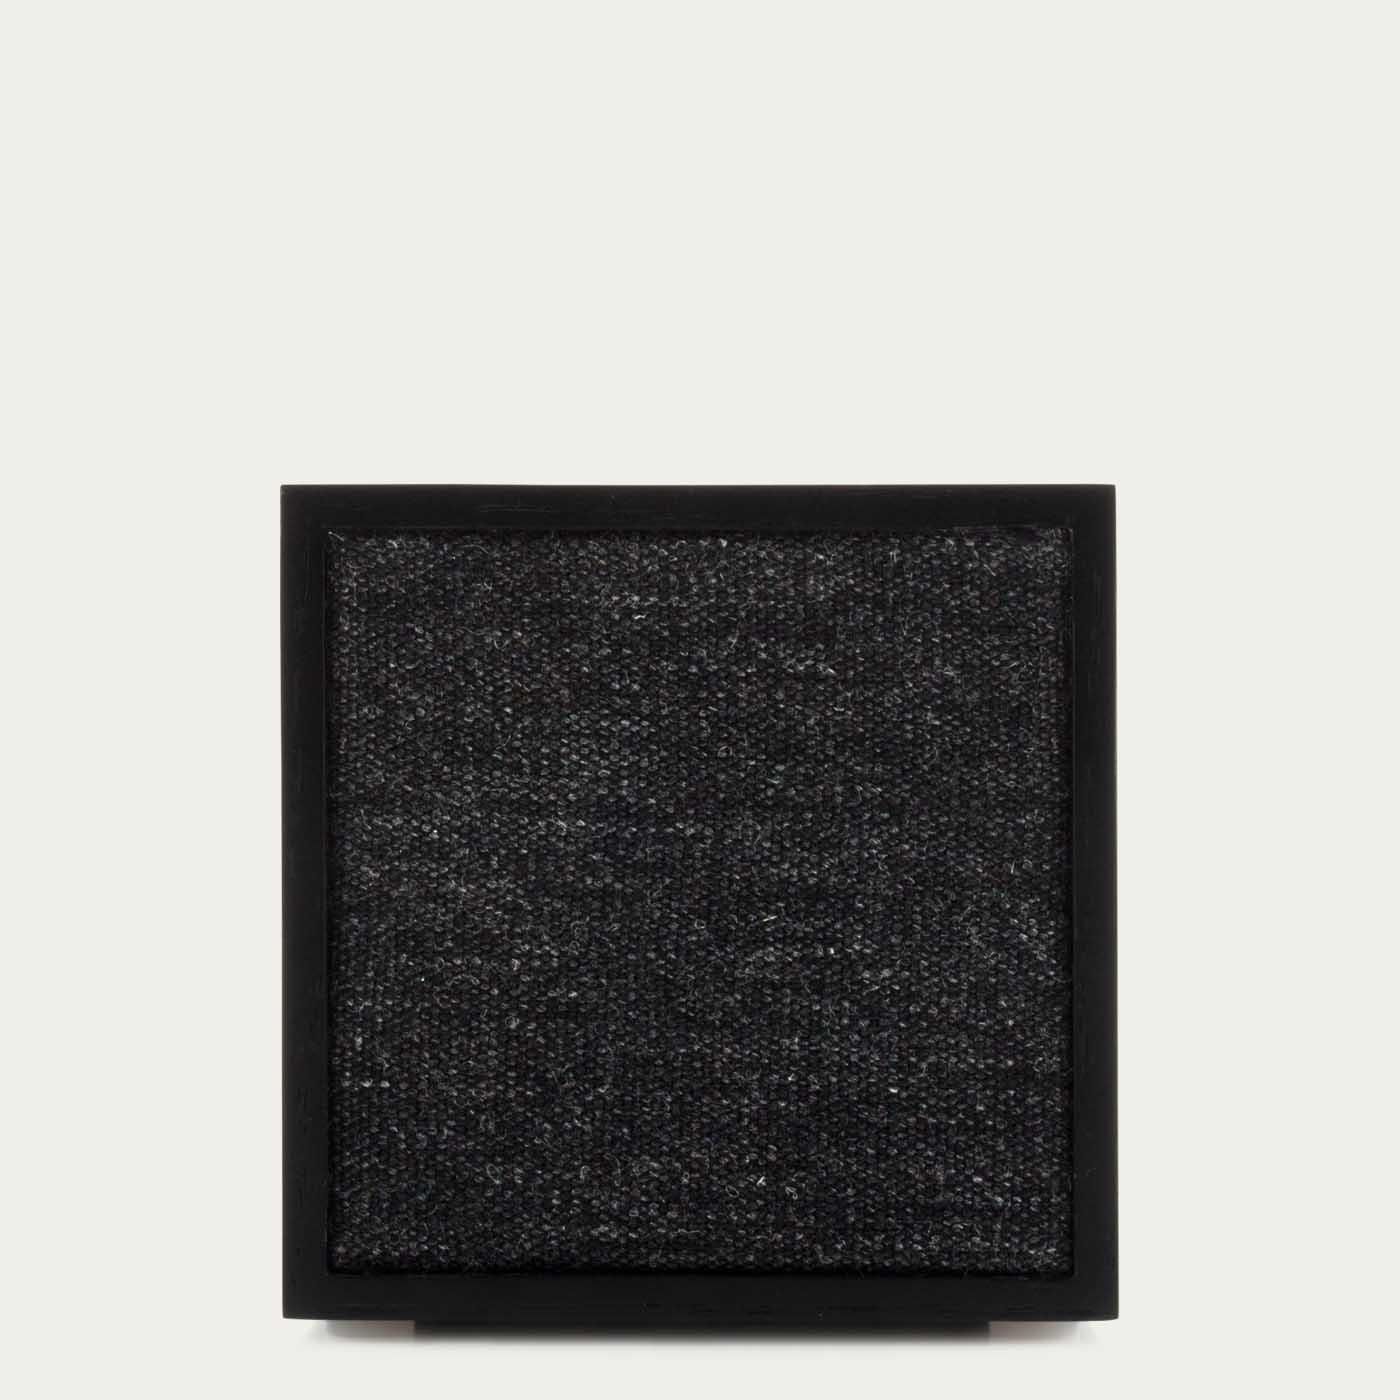 Black Ash / Black ART Line CUBE Tivoli Audio  | Bombinate